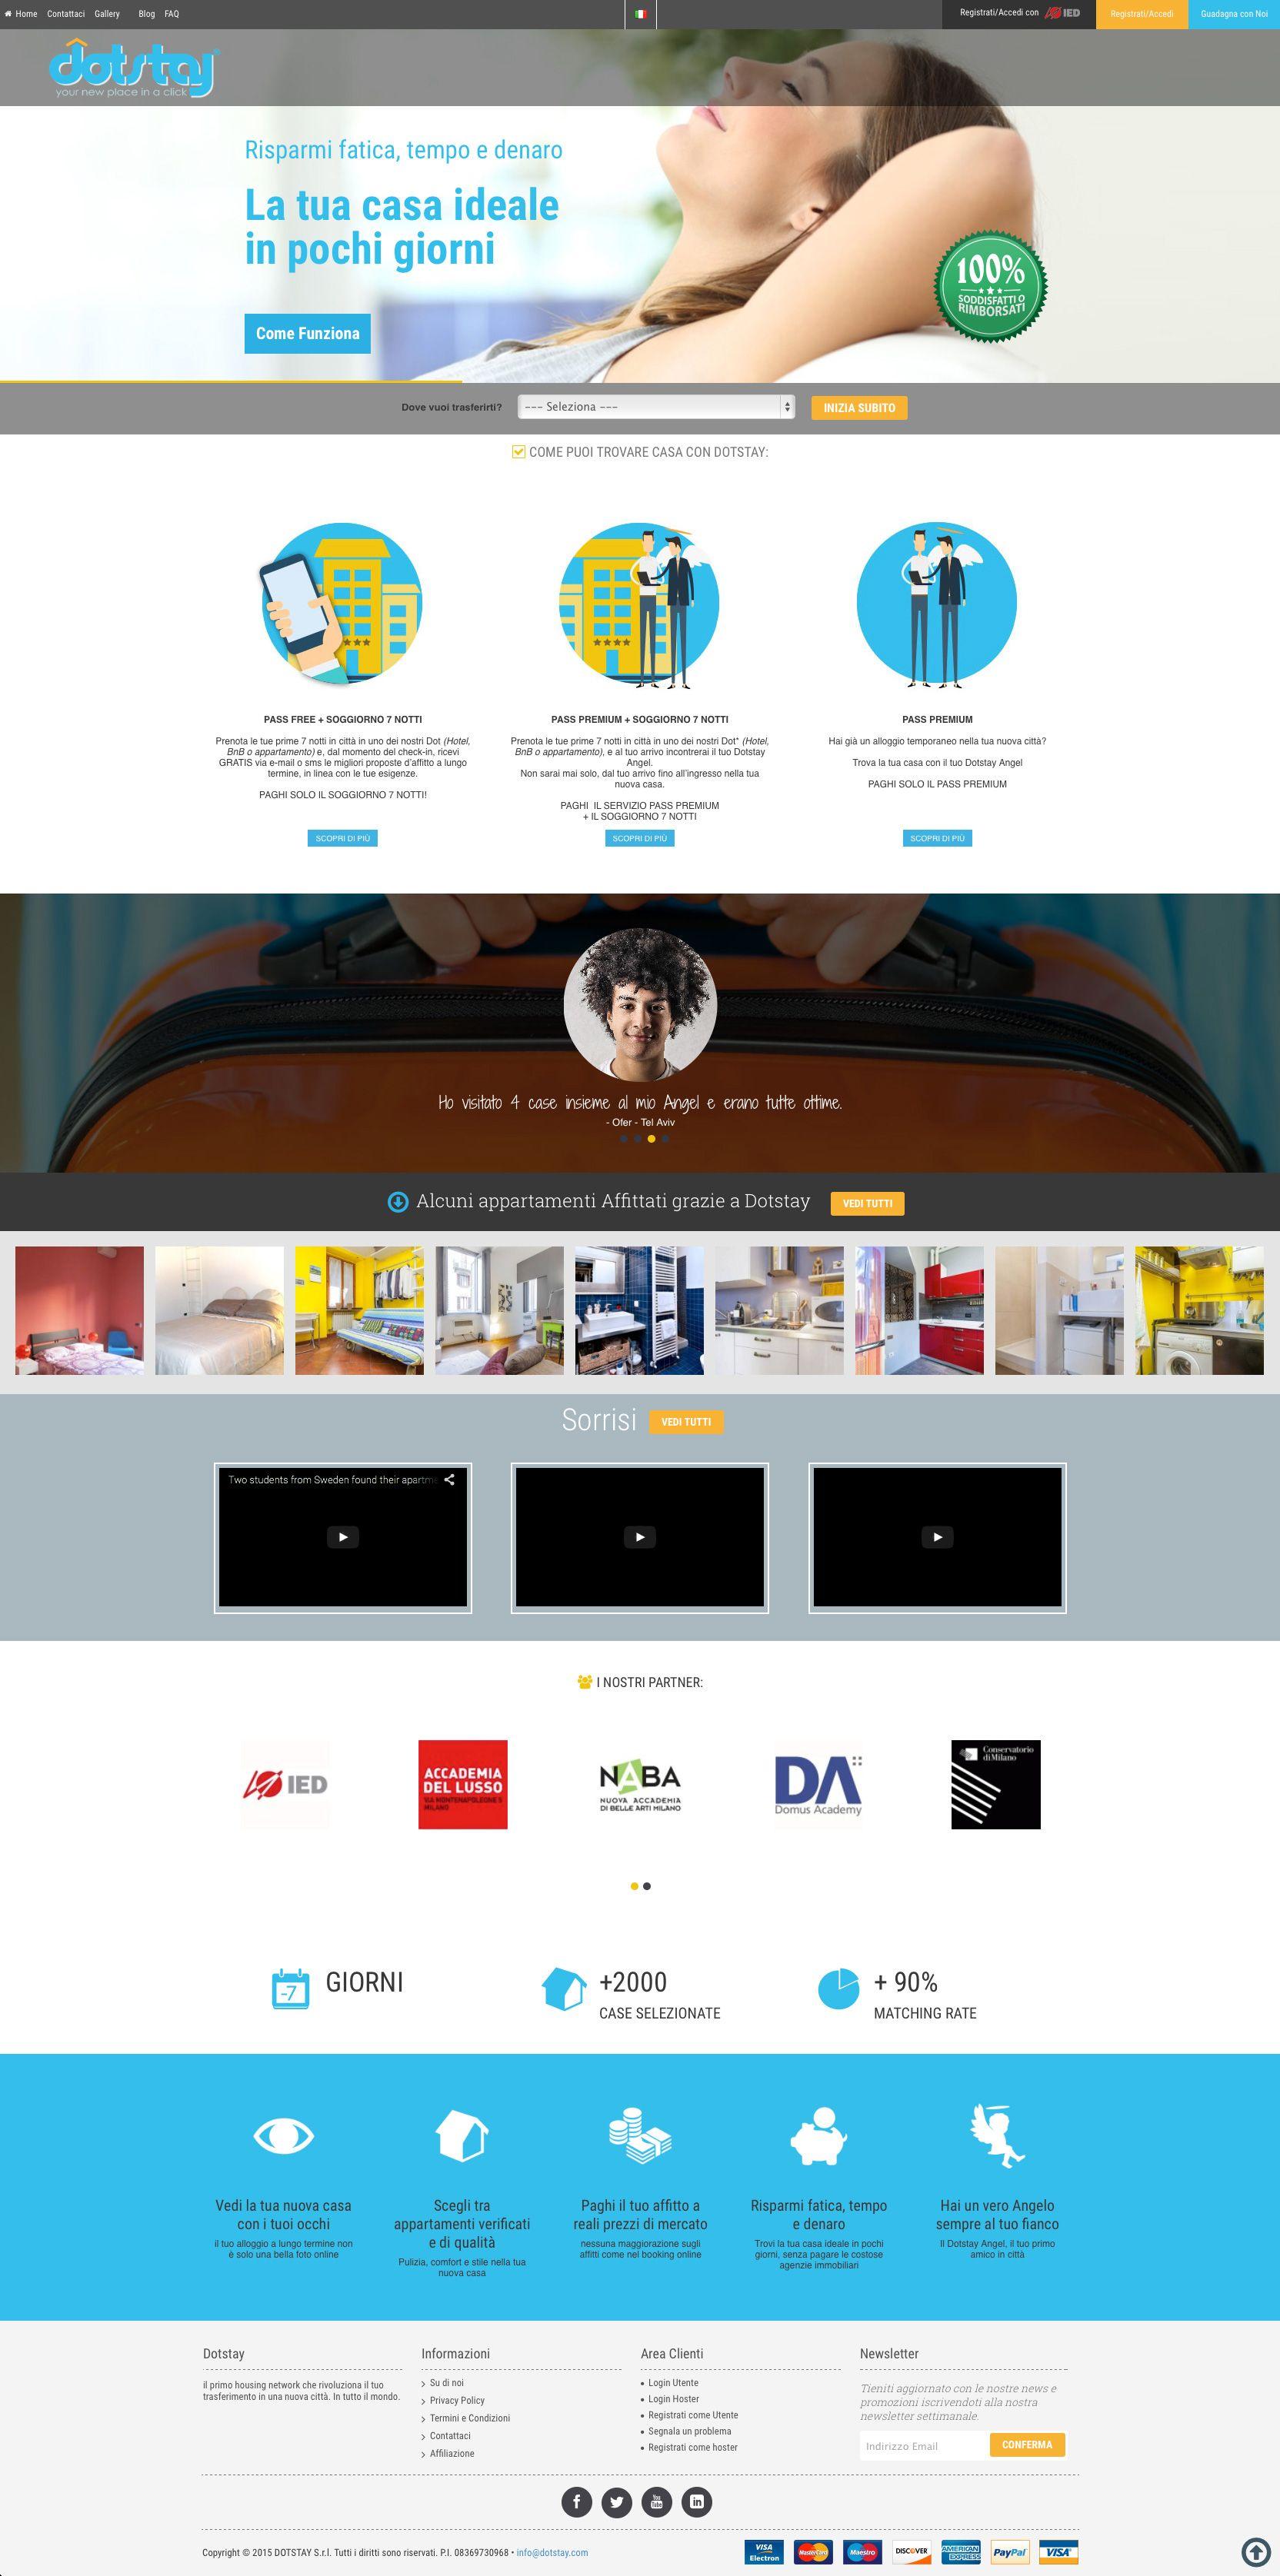 Dotstay #website #webdesign #bemorebedigital @hitframe @simonemimun @royn81